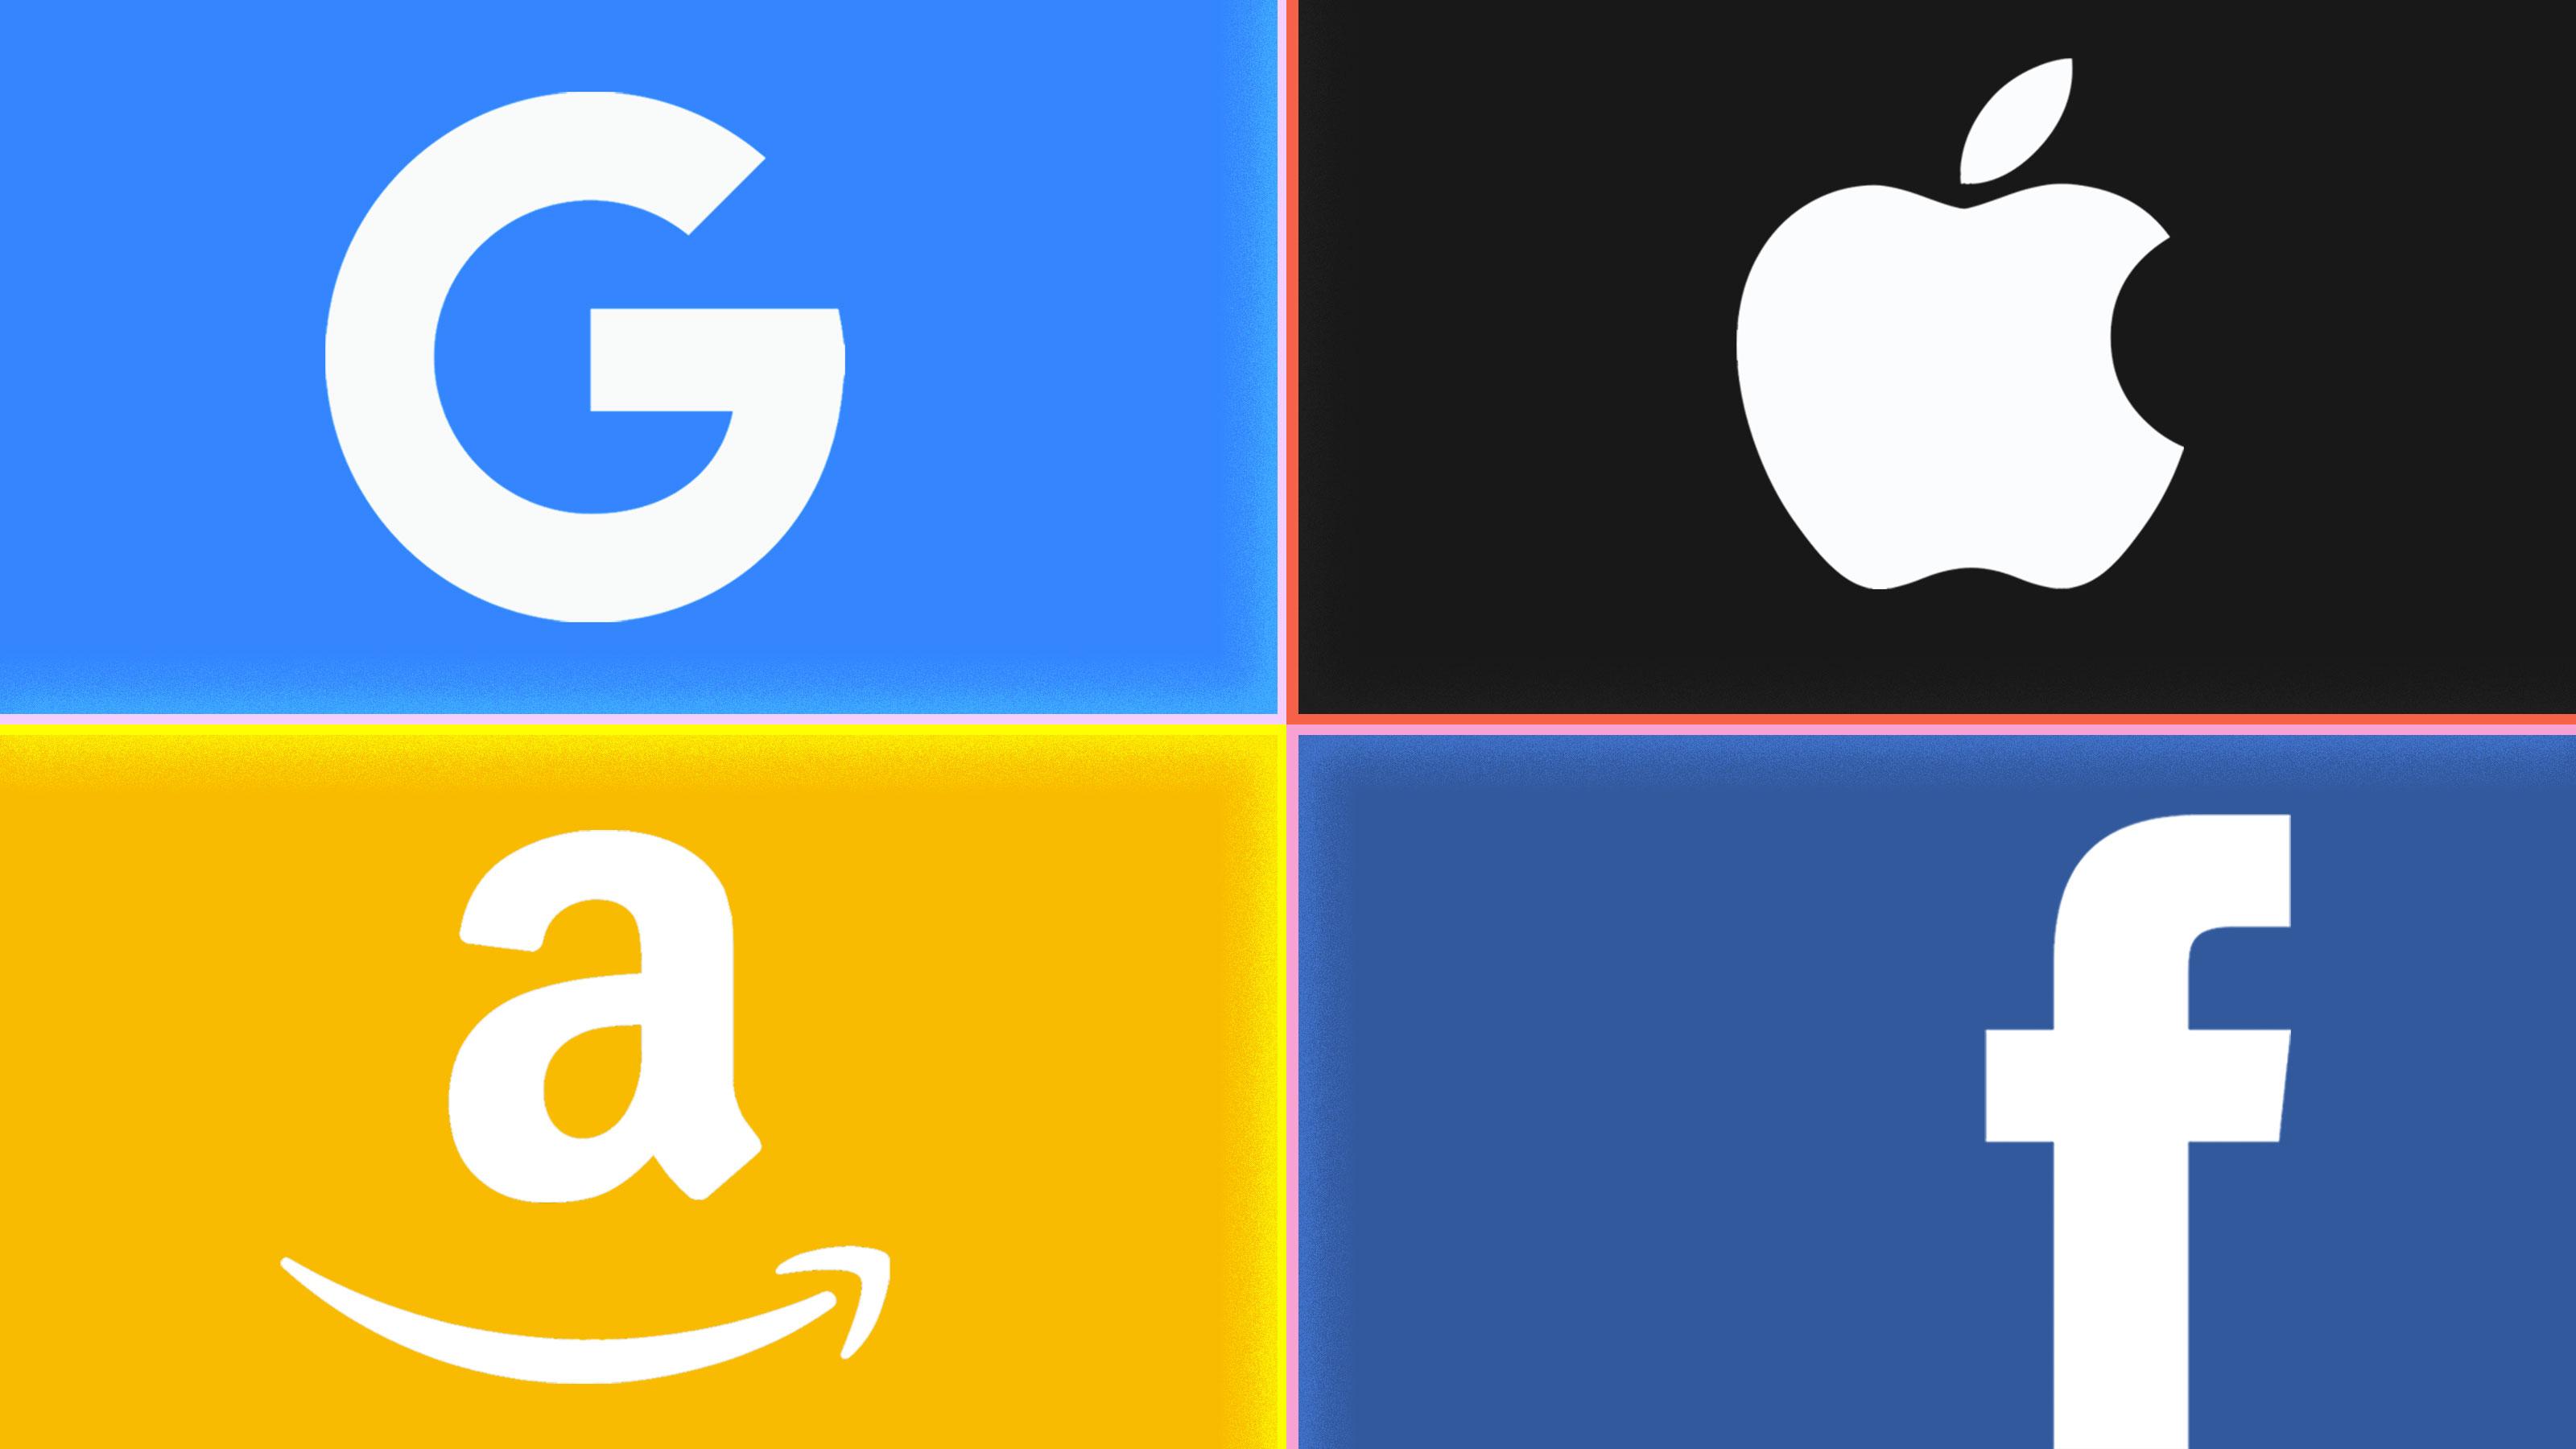 Google, Facebook, Amazon, Apple logos